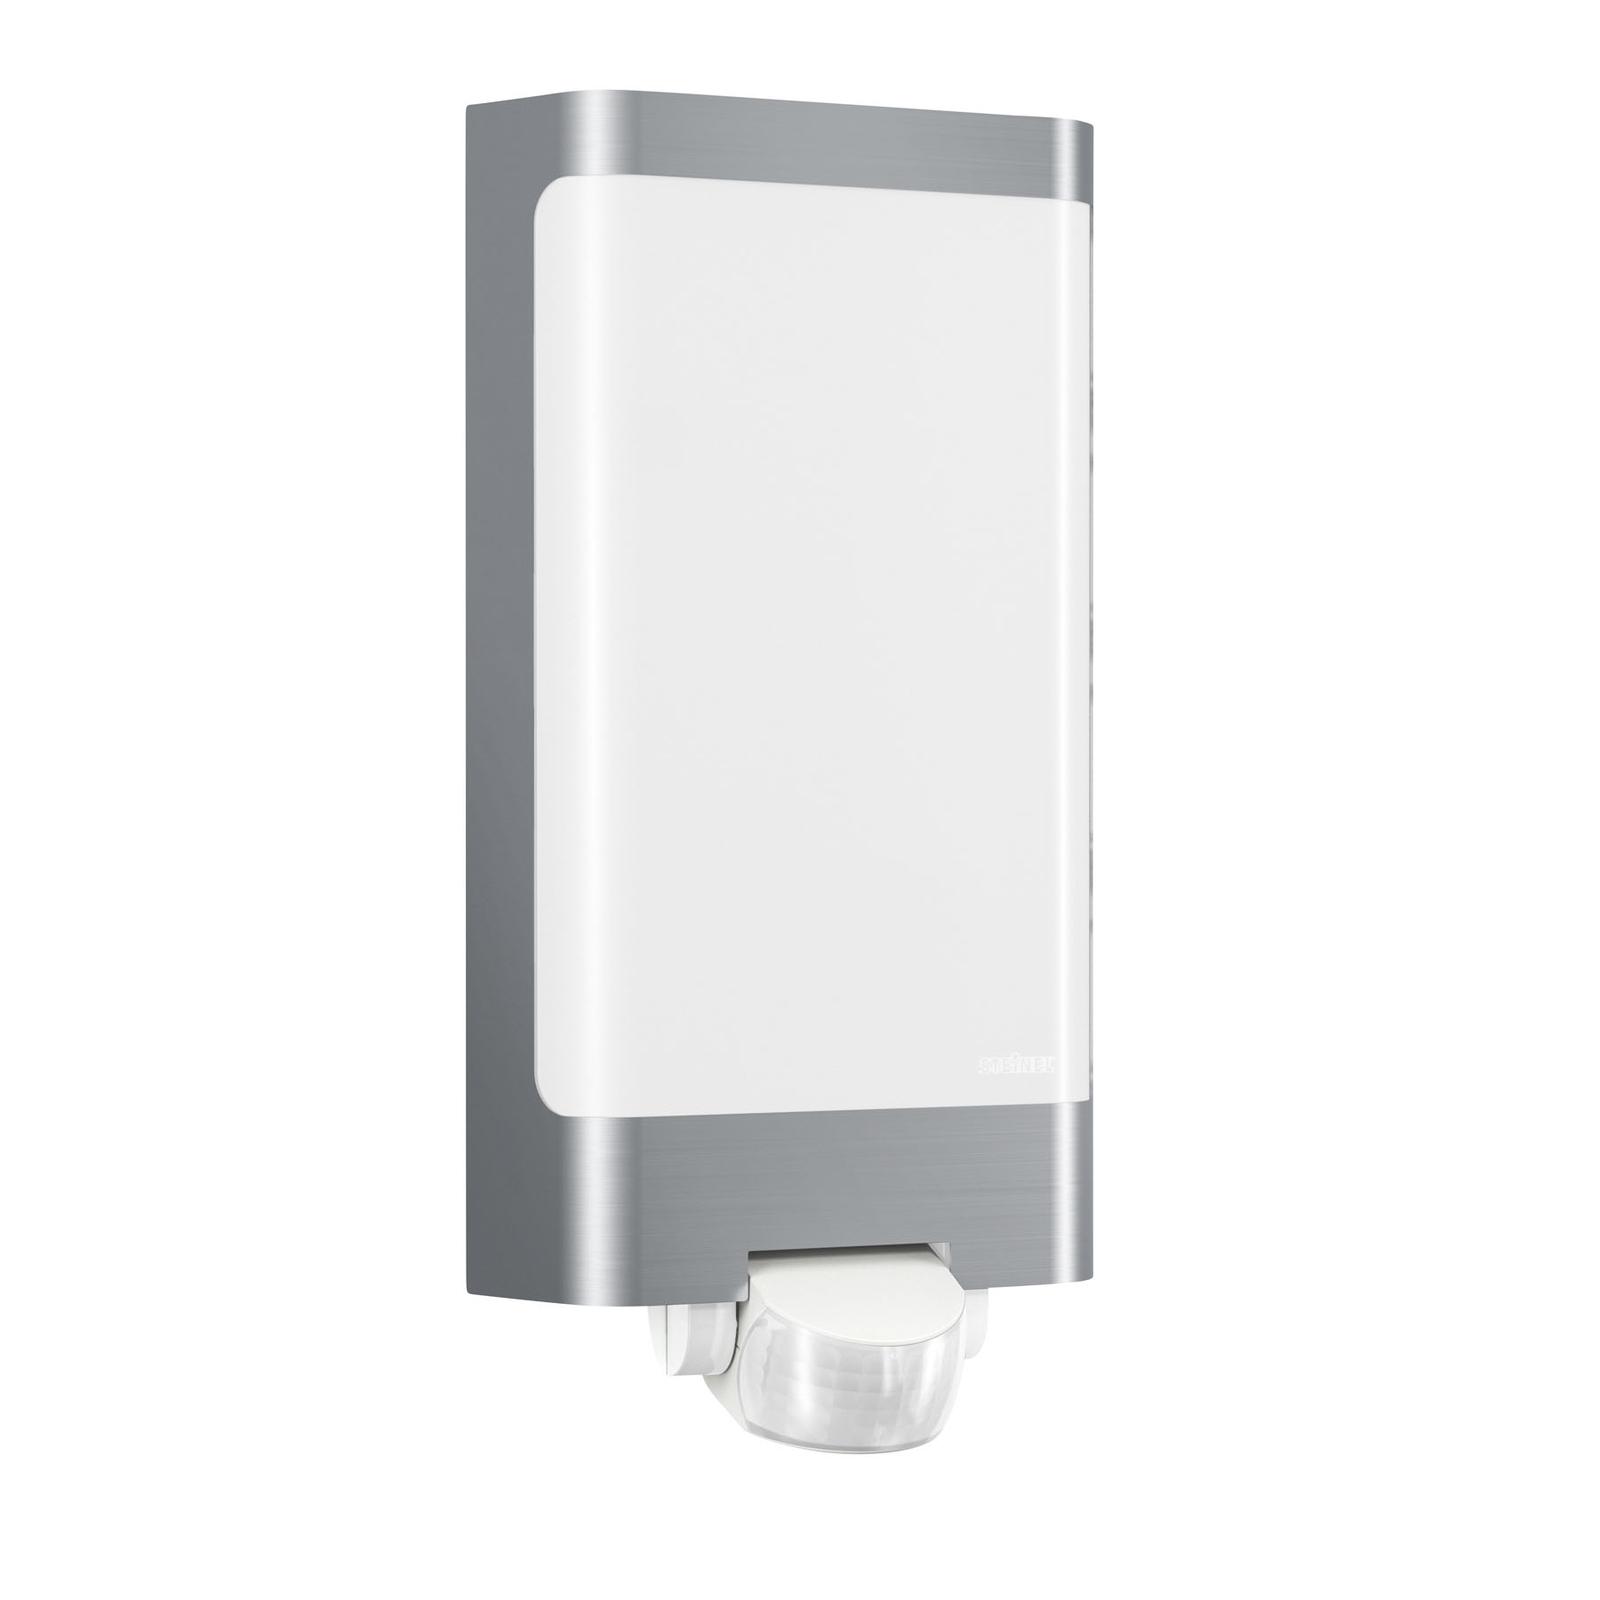 STEINEL L 240 LED Wandleuchte Sensor, edelstahl